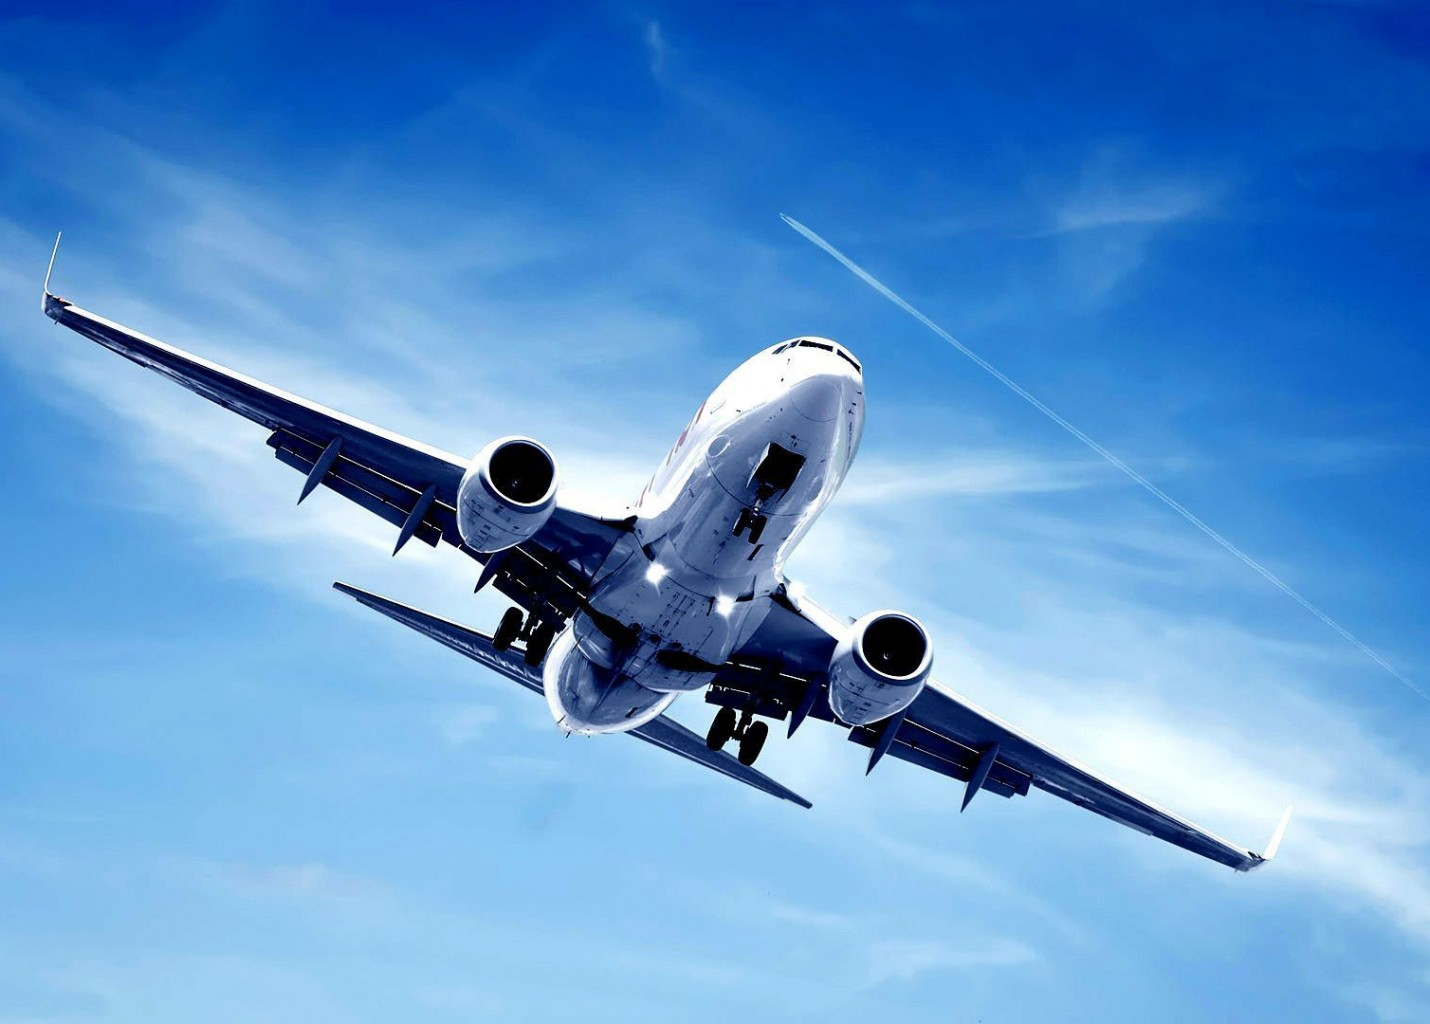 Demanda aérea recua 70% em novembro; Brasil registra queda superior a 34%